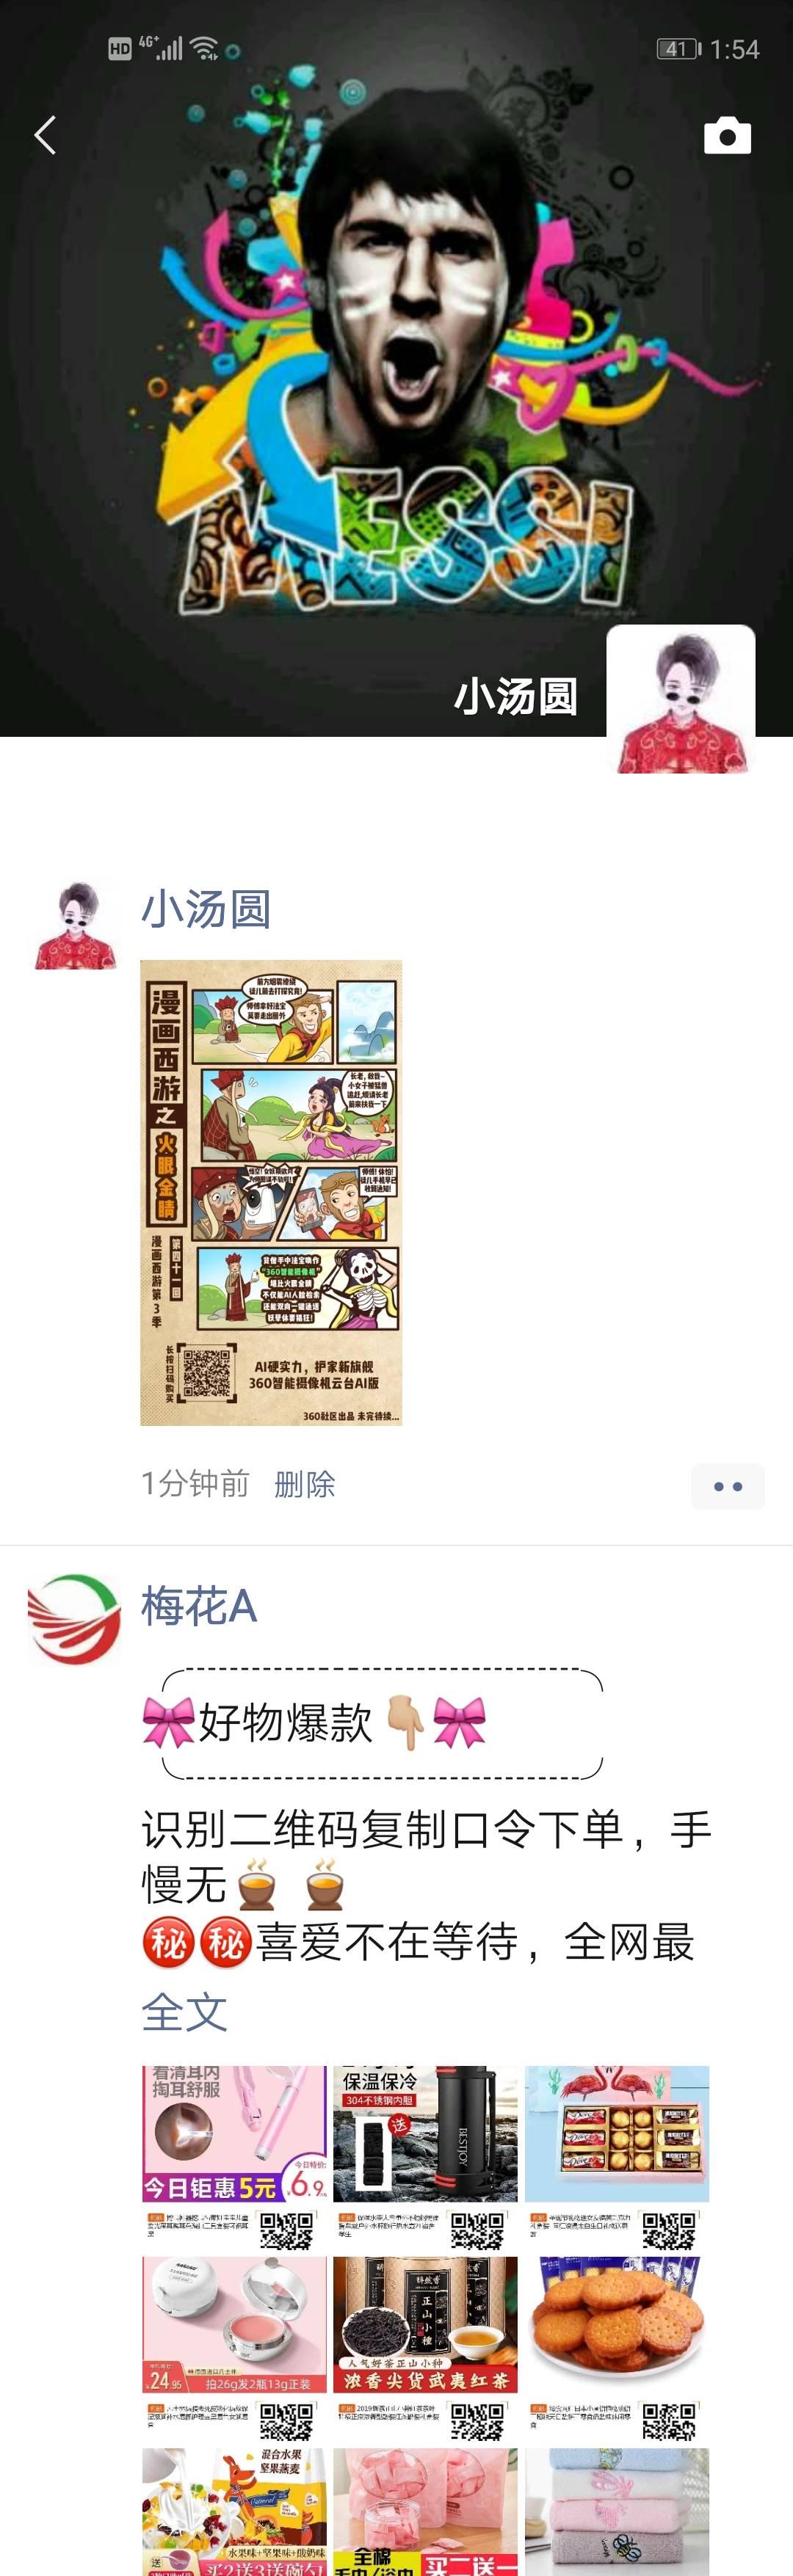 Screenshot_20191207_135432_com.tencent.mm_compress.jpg